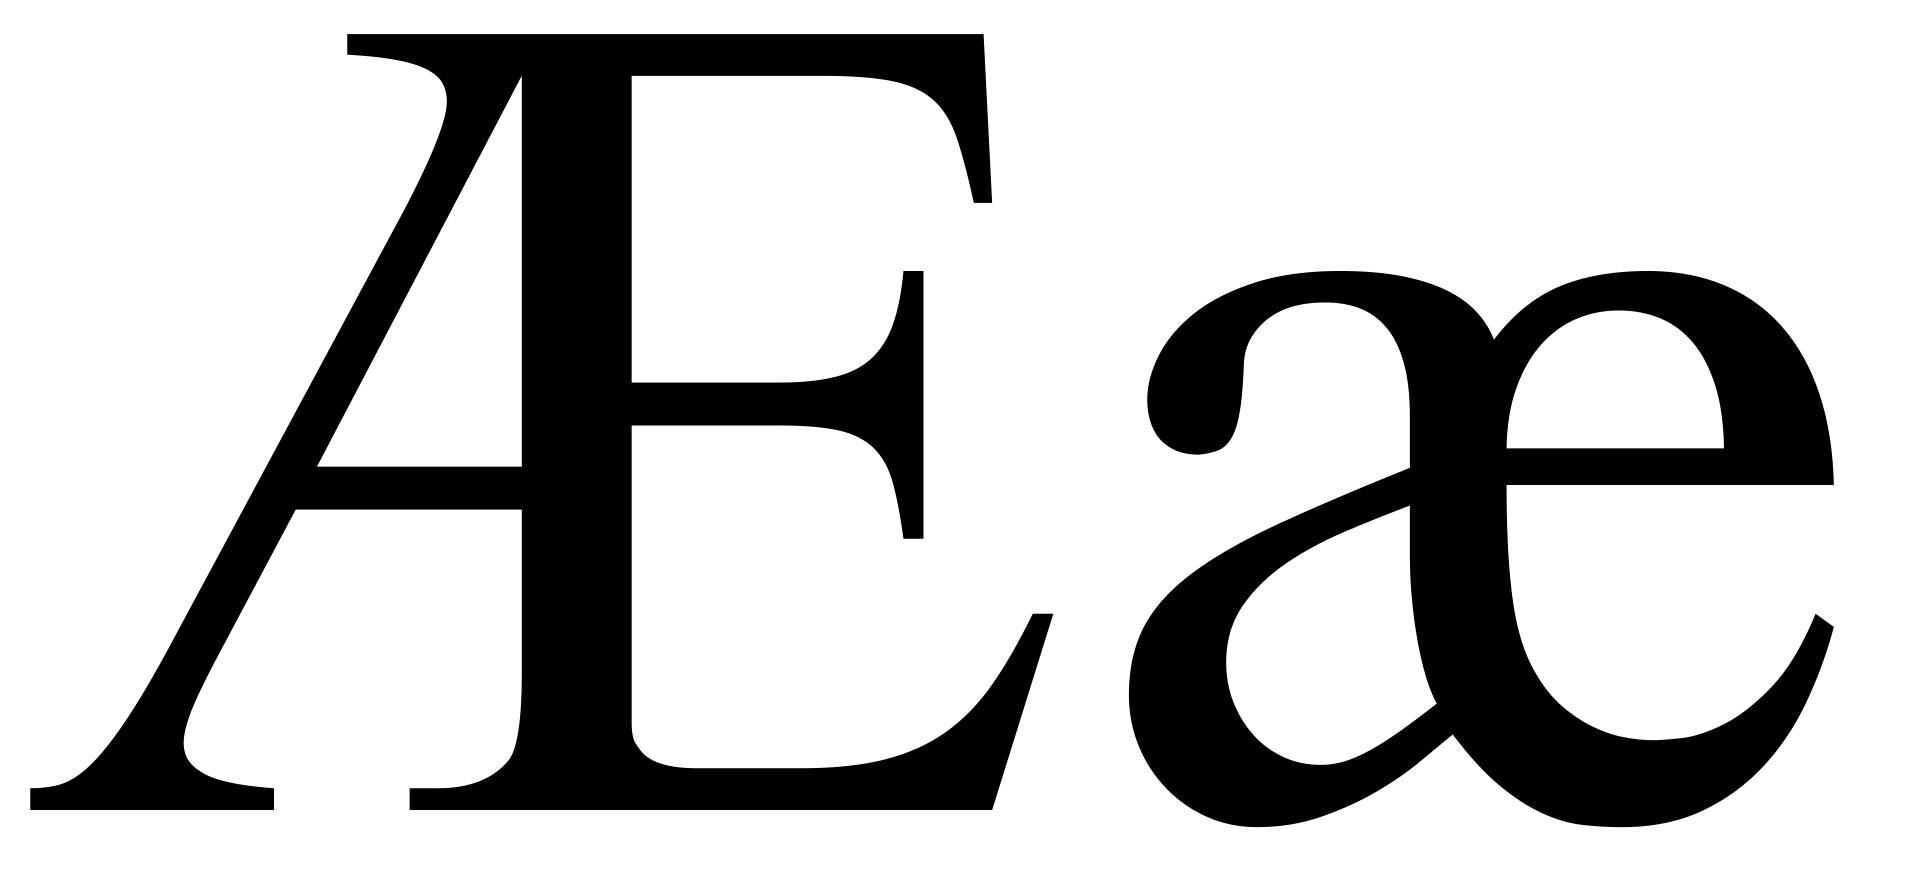 Æ - Wikipedia